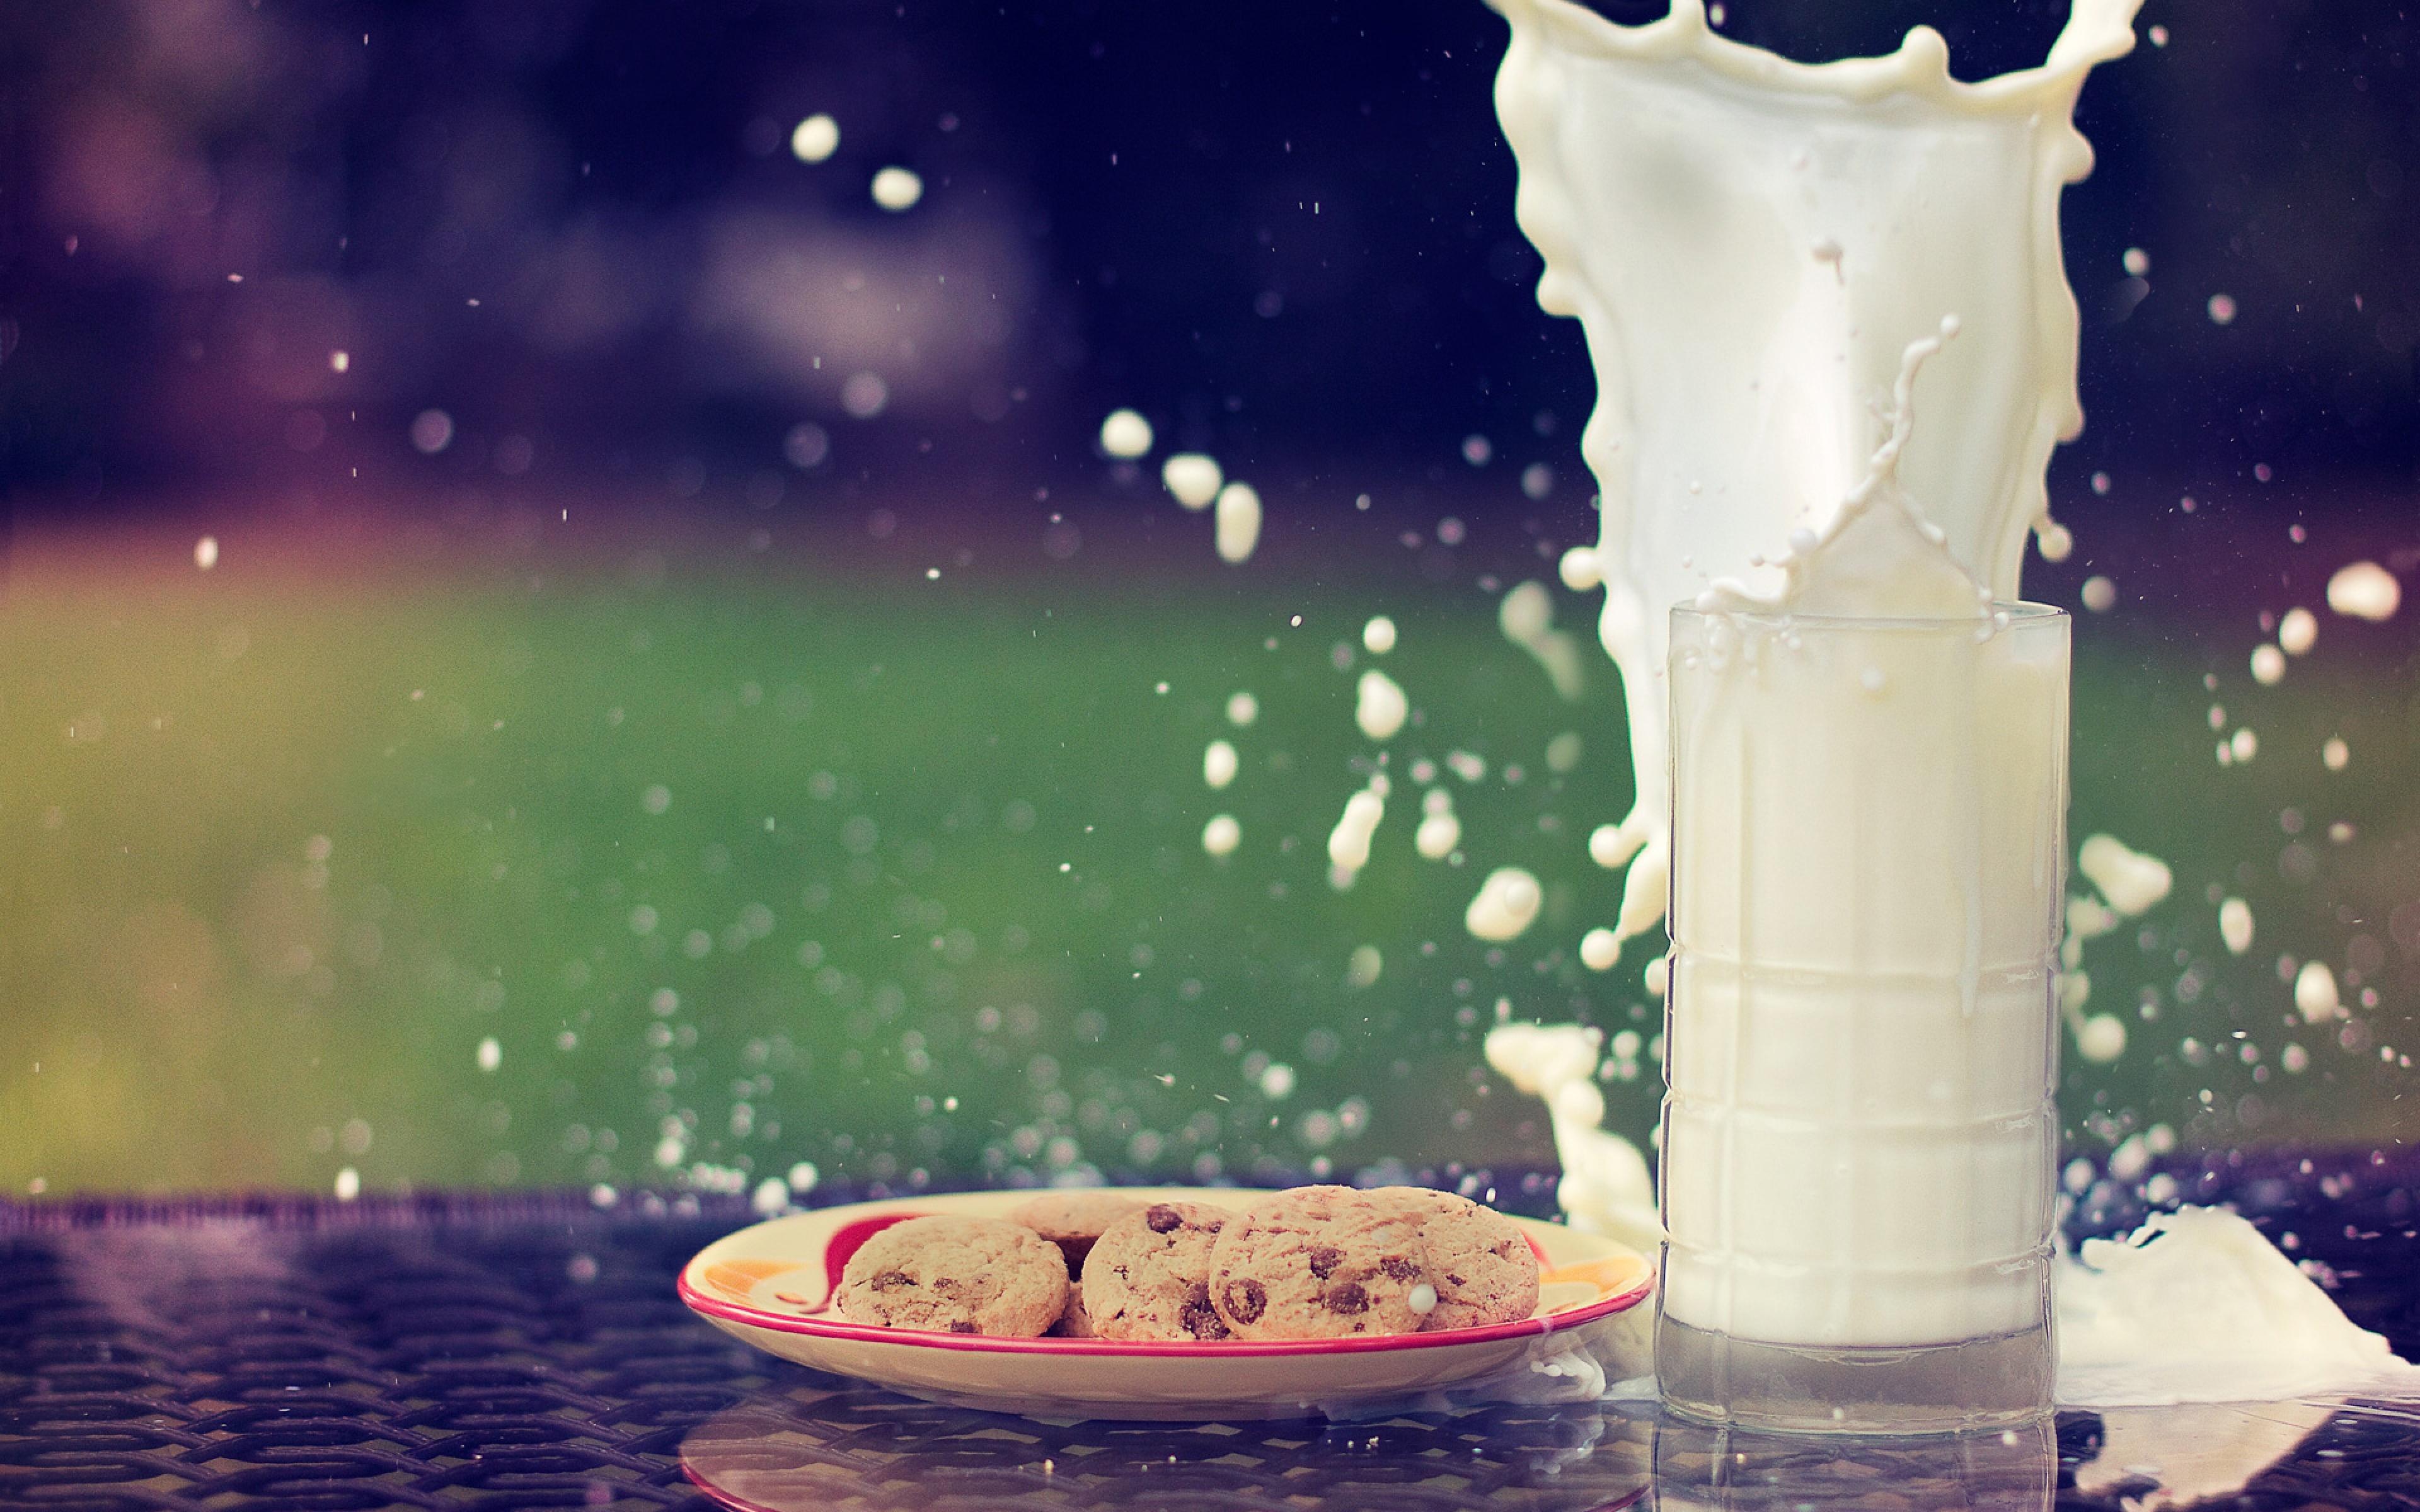 Milk Hd Background